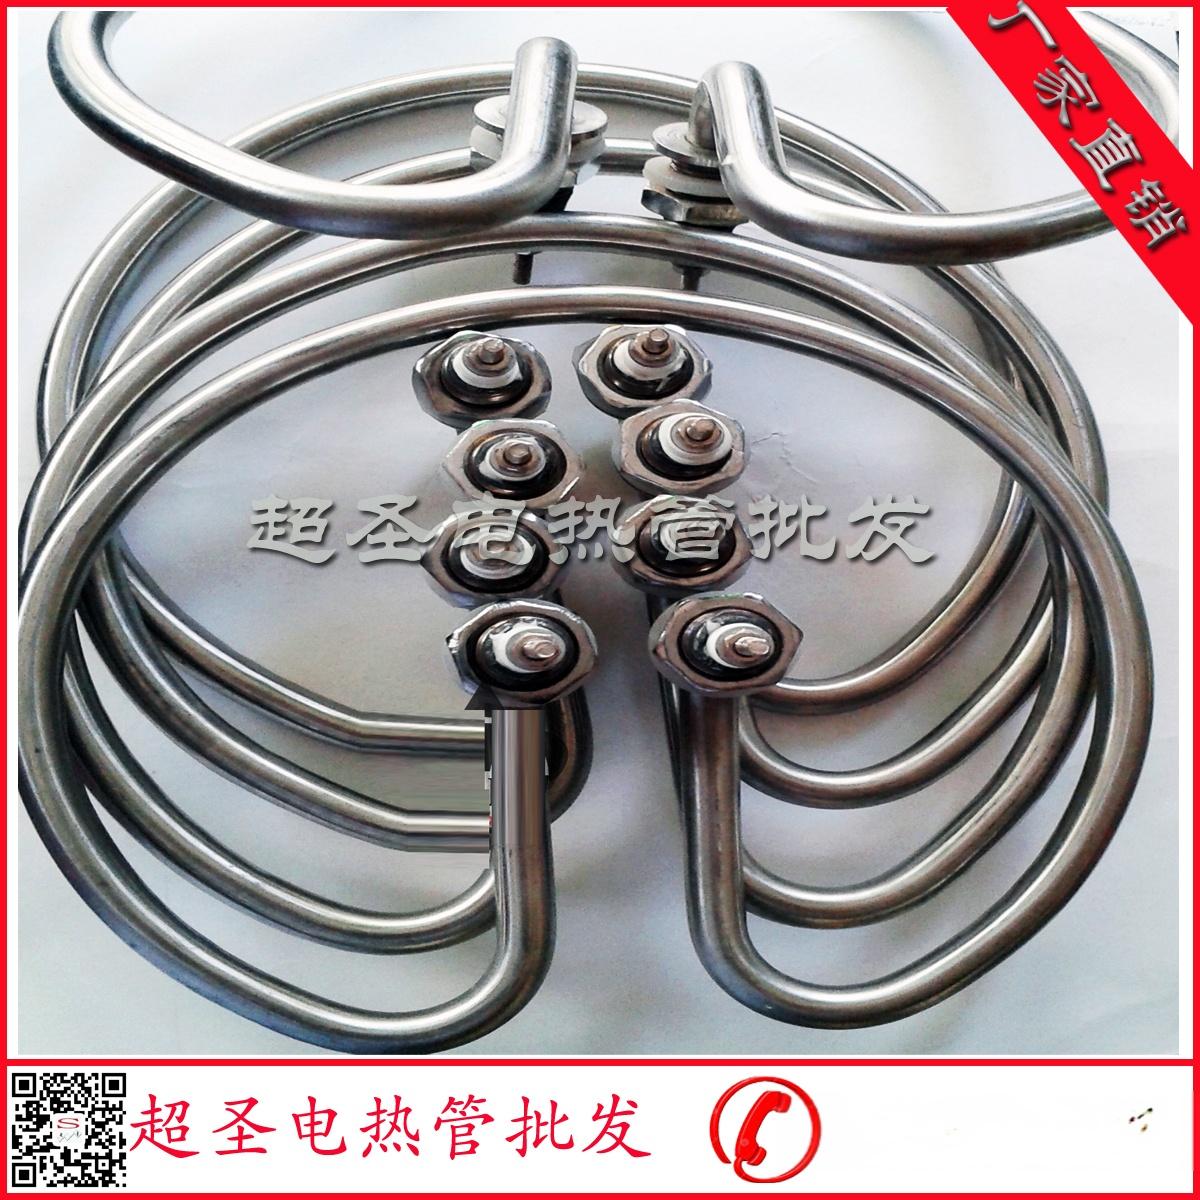 開水桶電熱管04.jpg